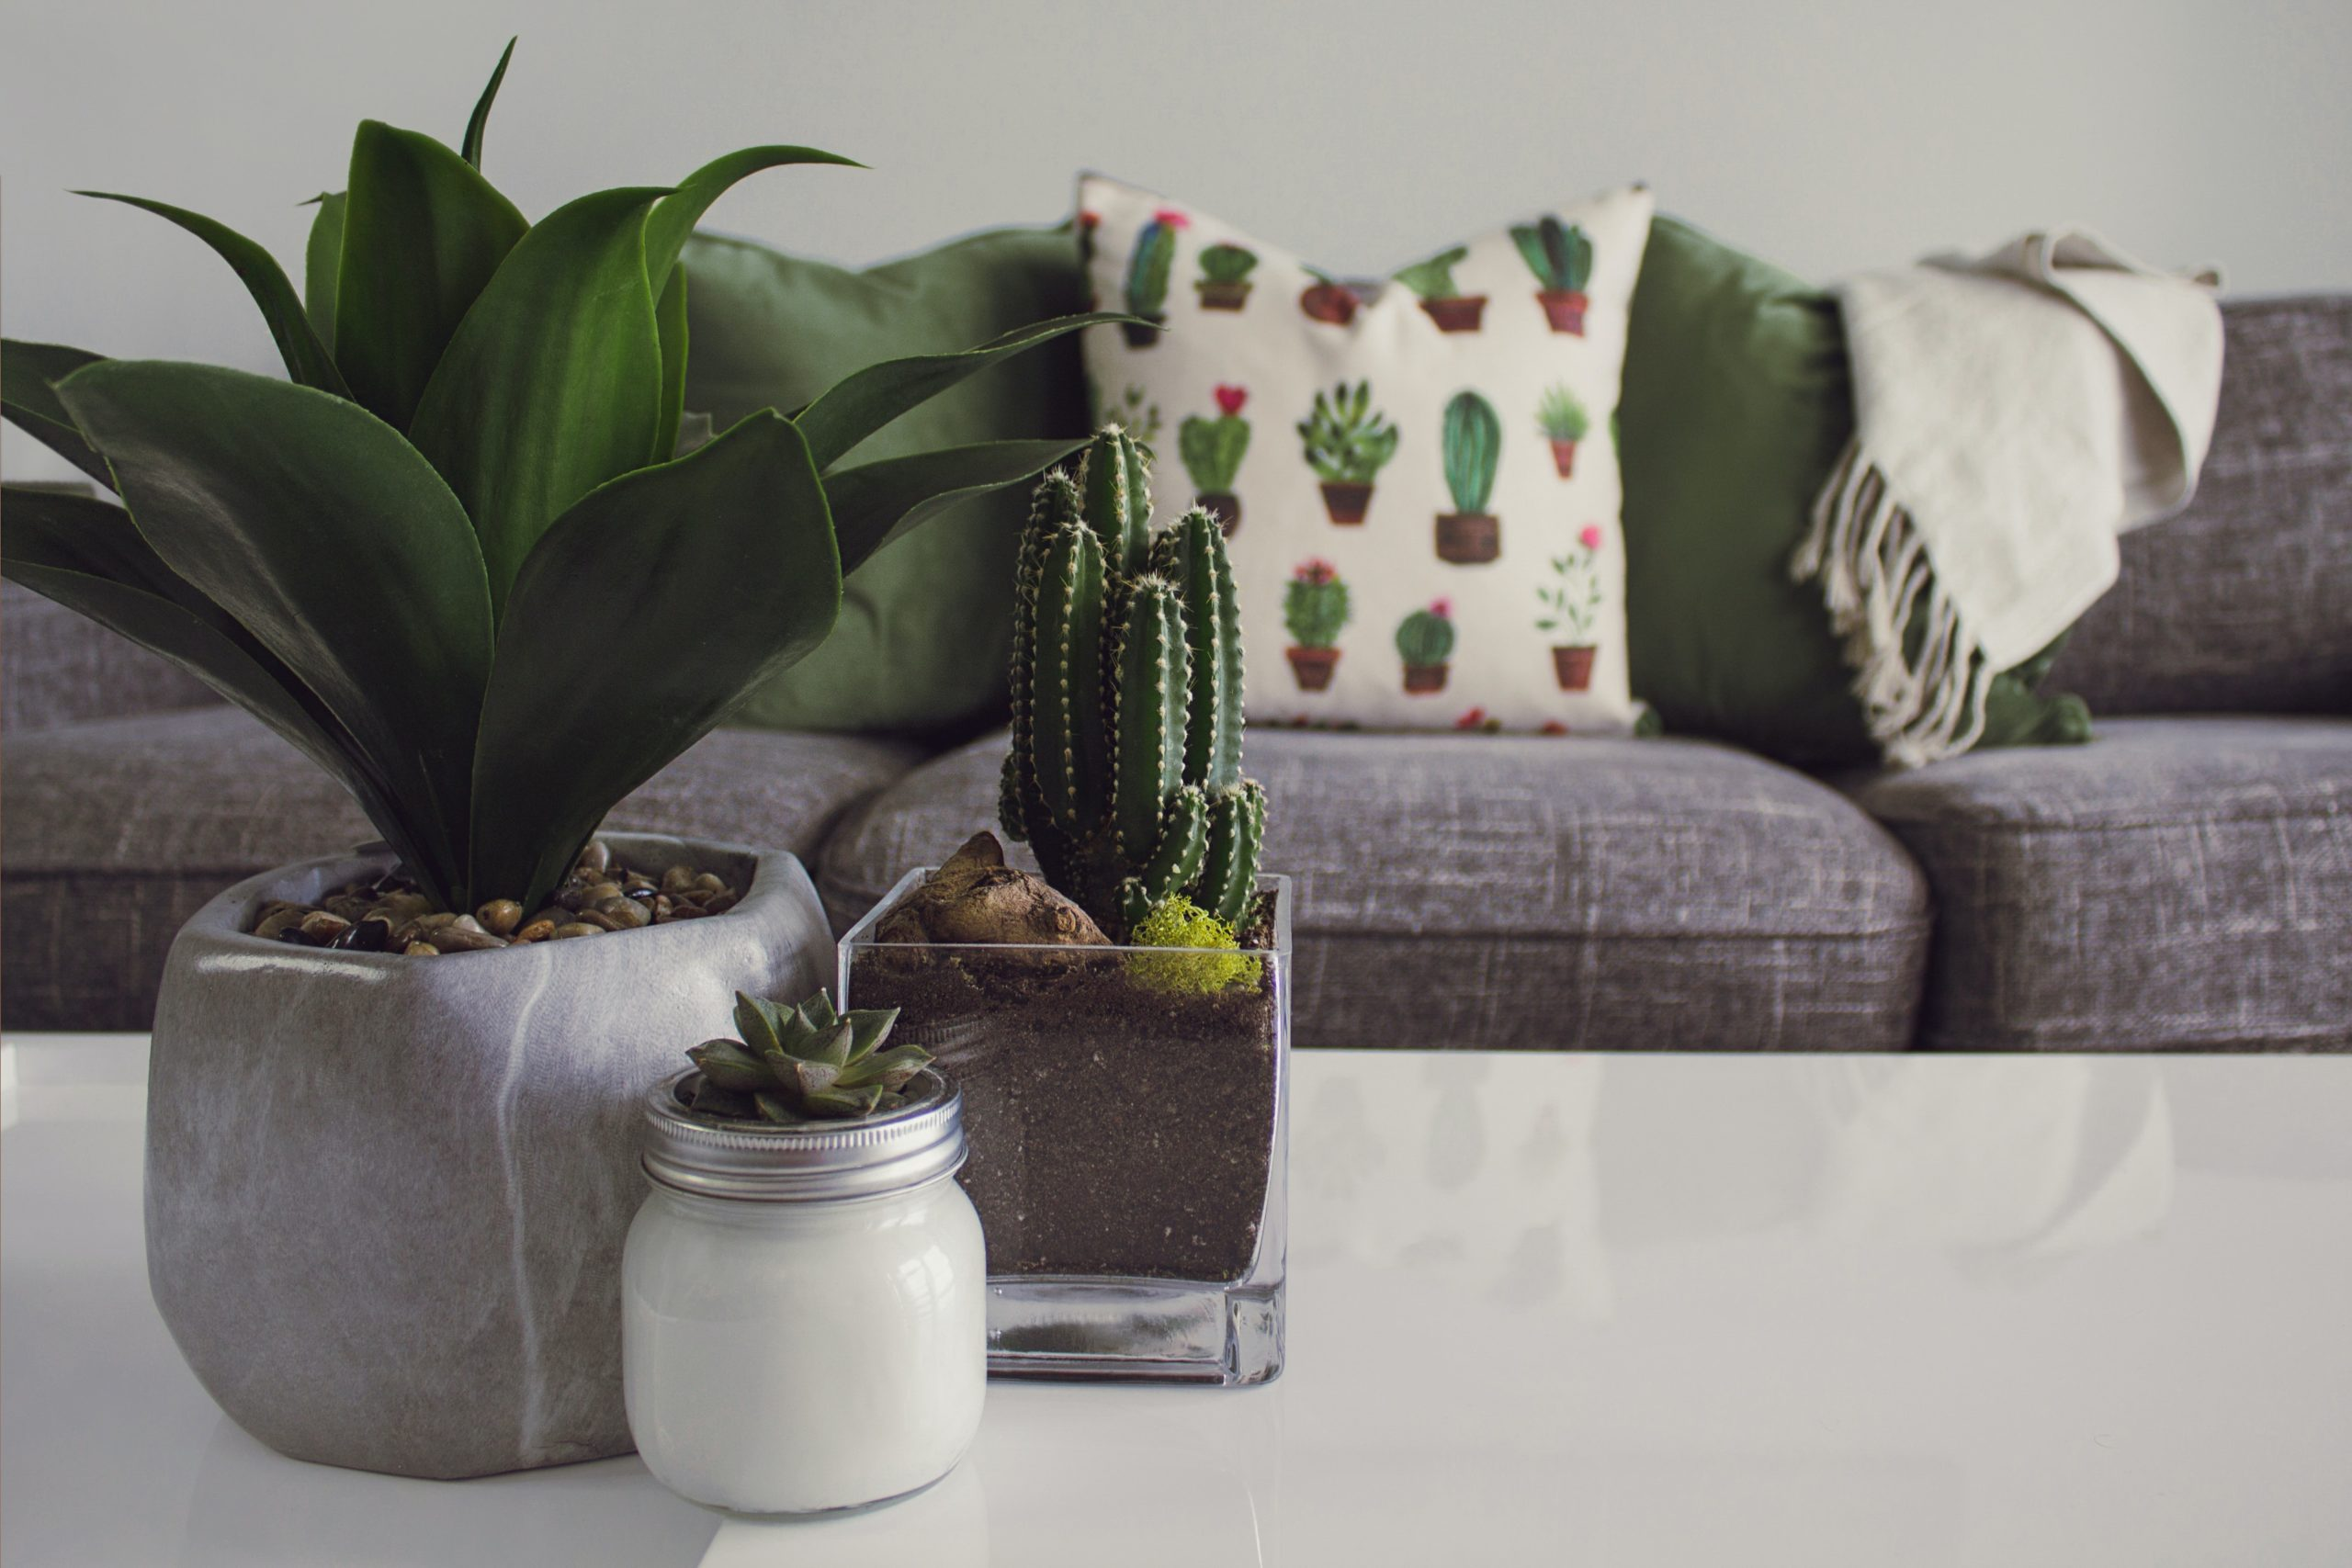 Best Indoor Plant Pots To Buy Online